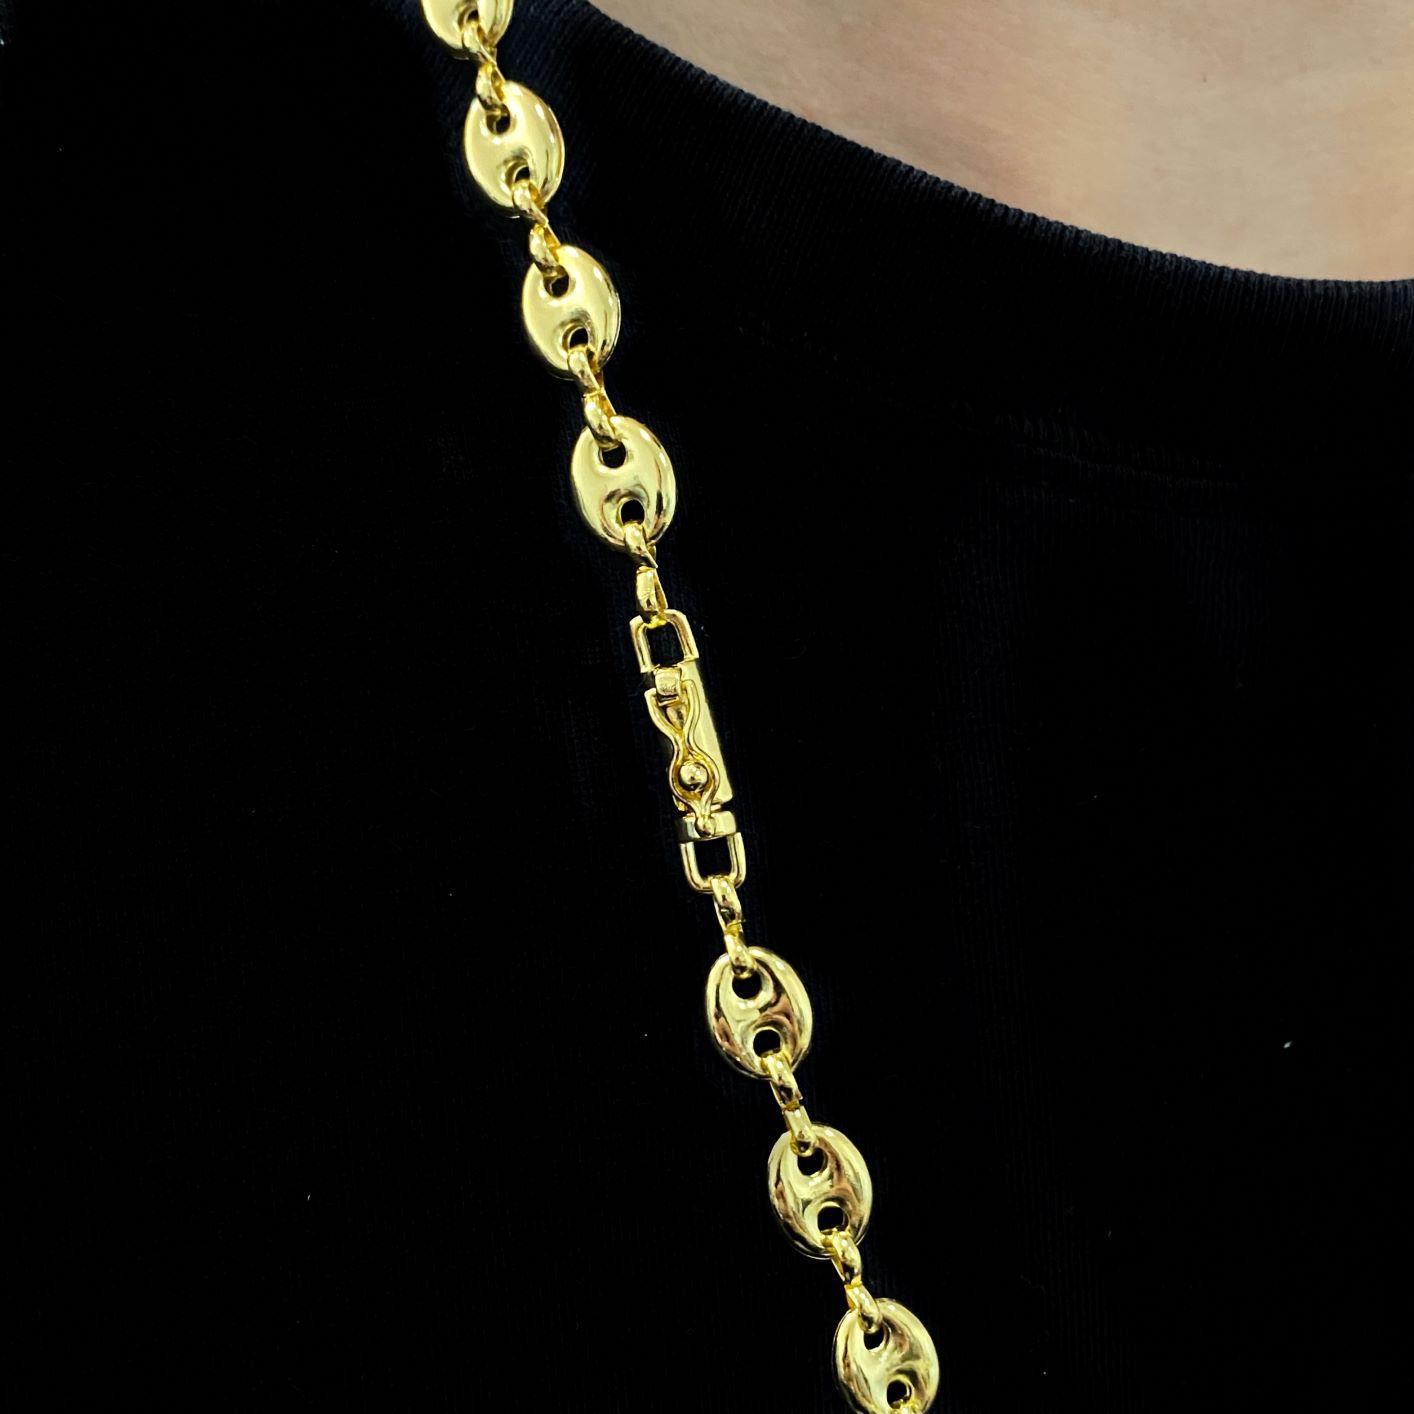 Corrente Gucci Link 8mm 60cm (25,6g) (Banho De Ouro 24k)